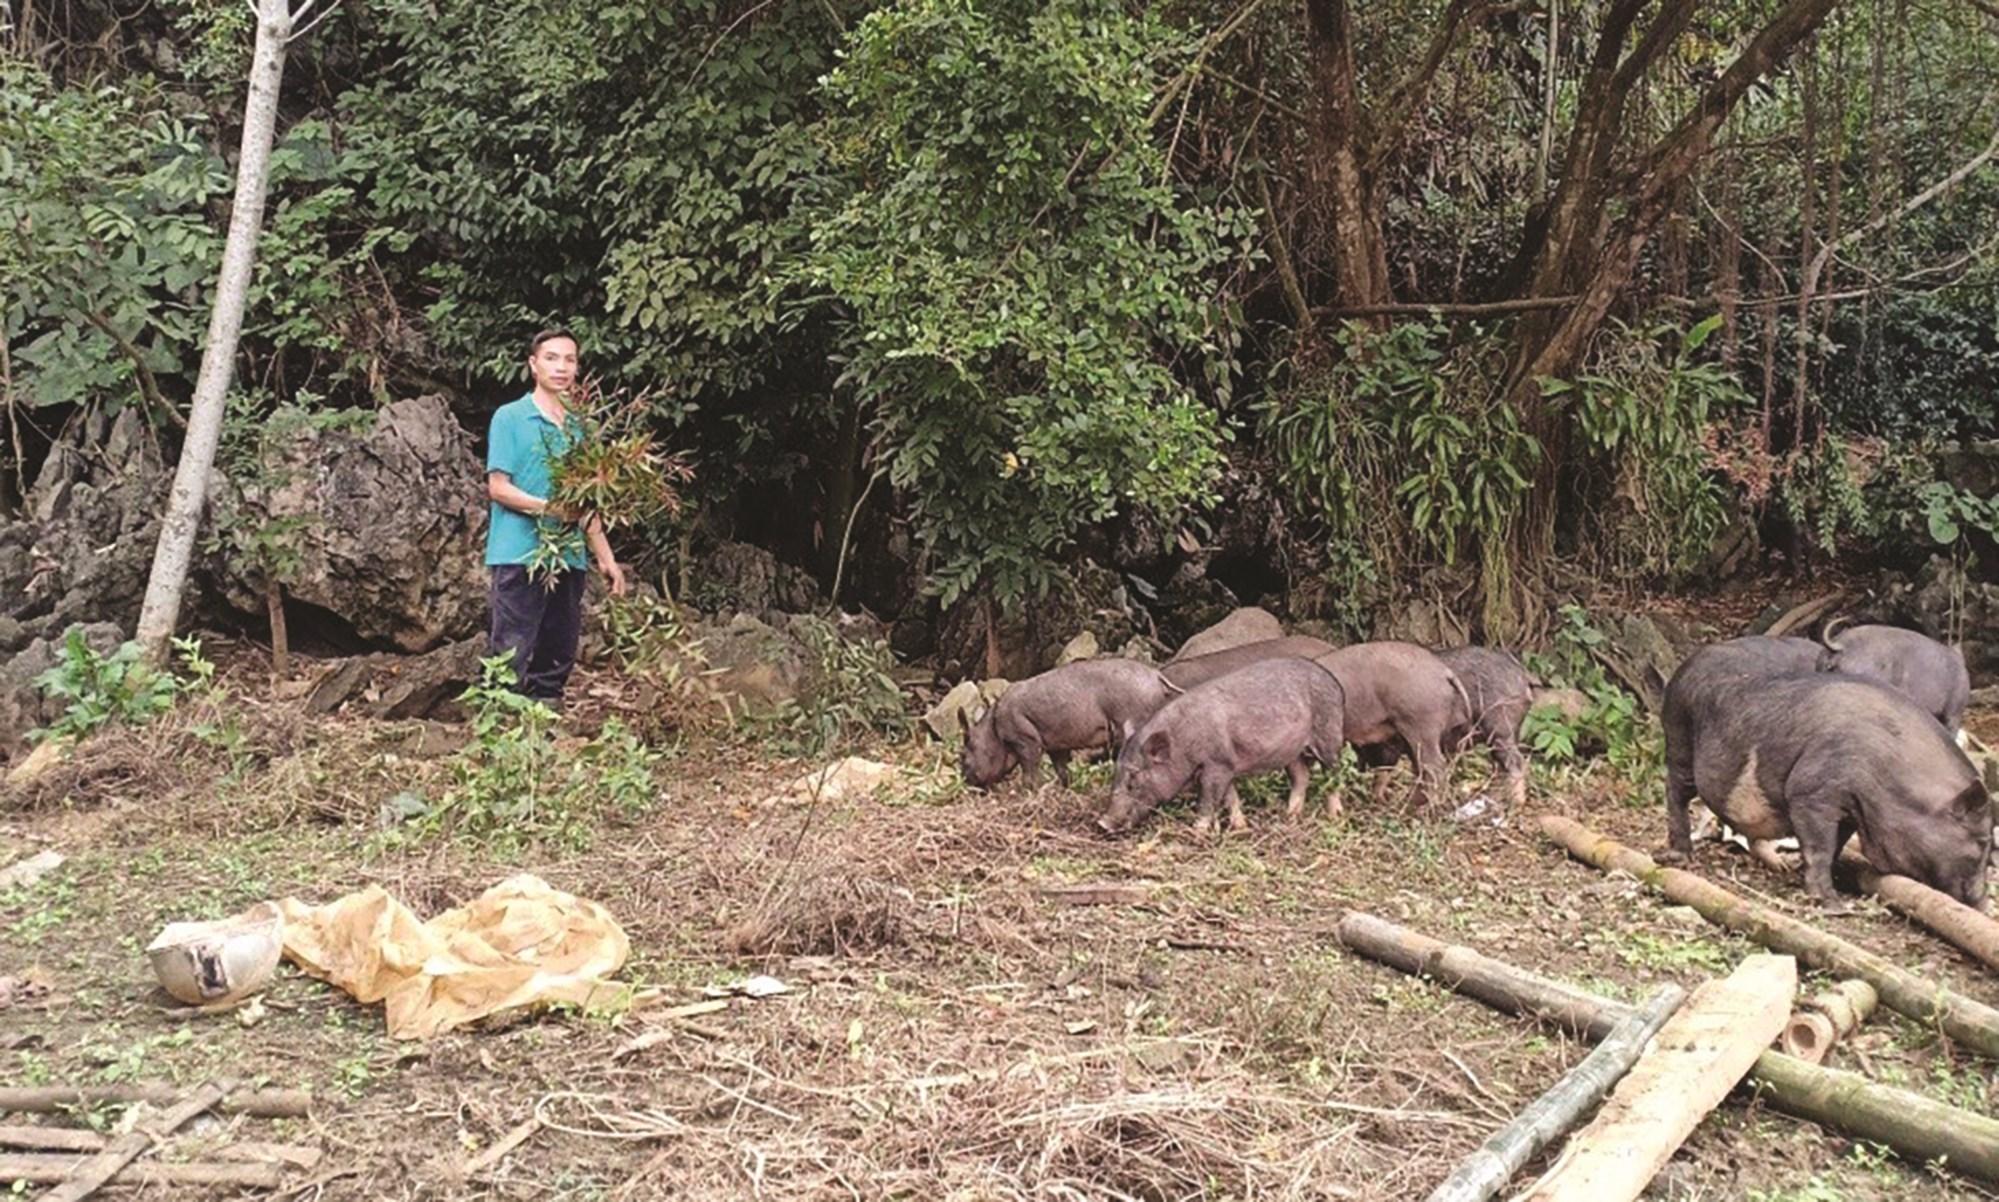 Anh Bùi Huy Chương dùng thảo dược trong chăn nuôi để tạo ra những sản phẩm chất lượng.